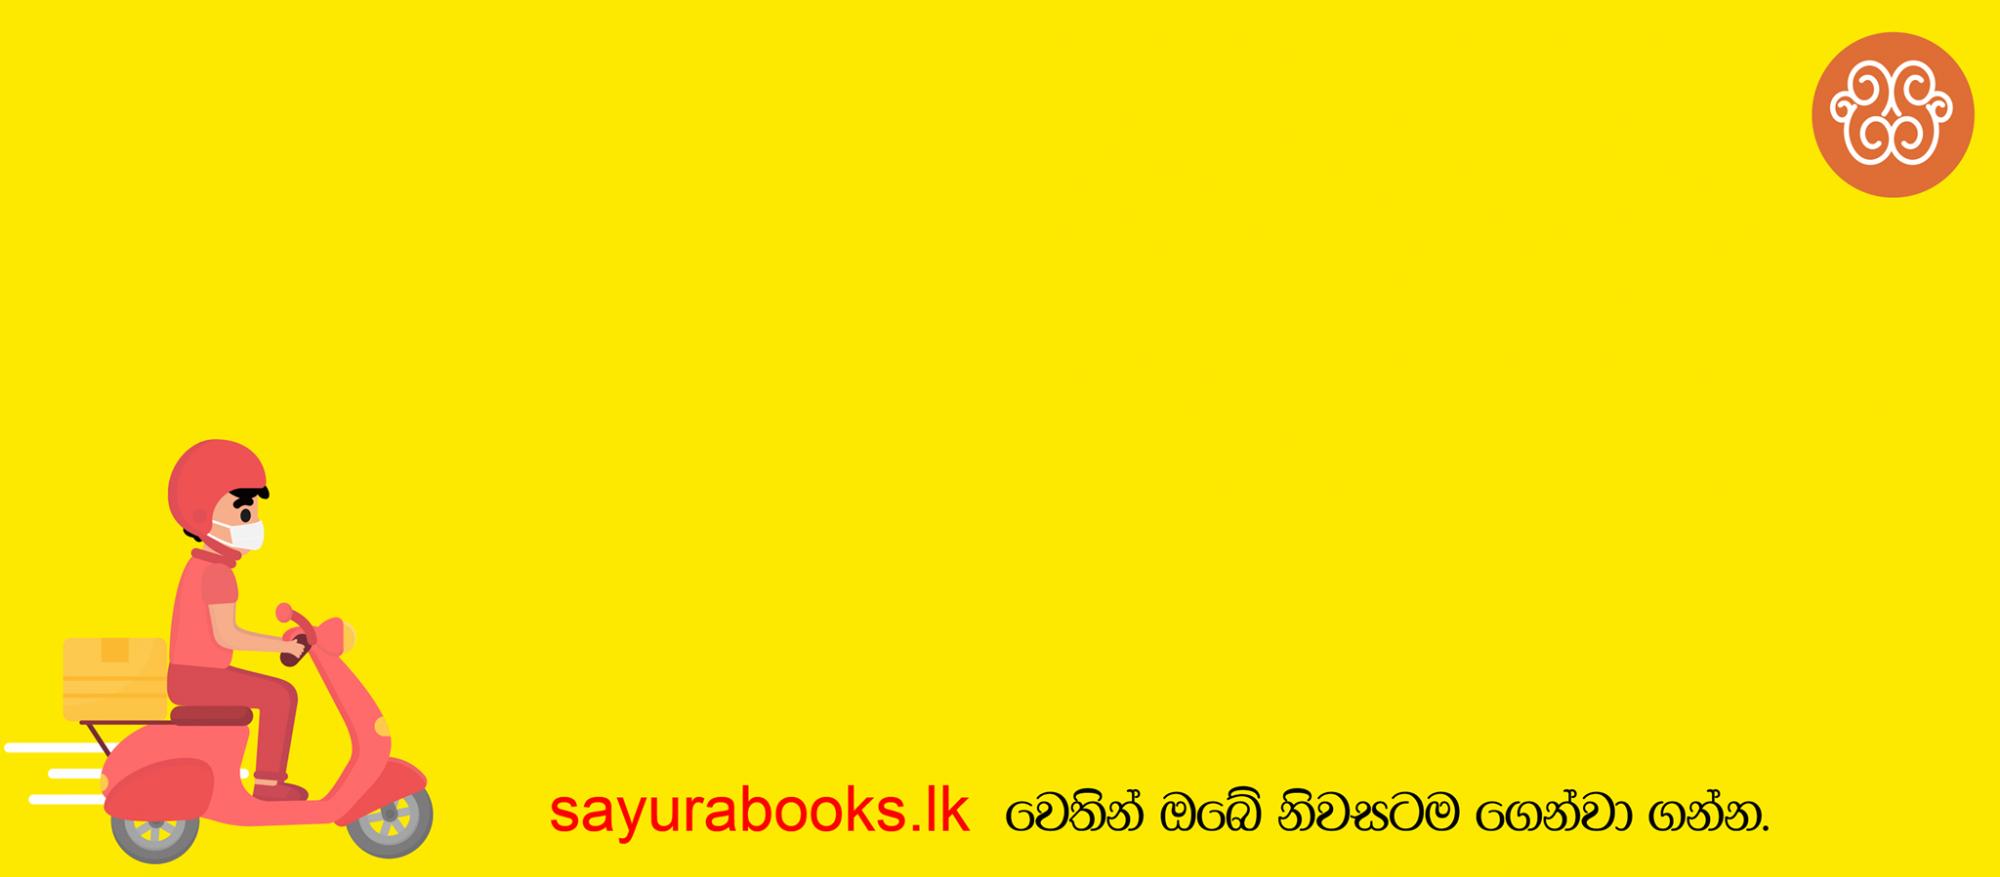 Sayurabooks